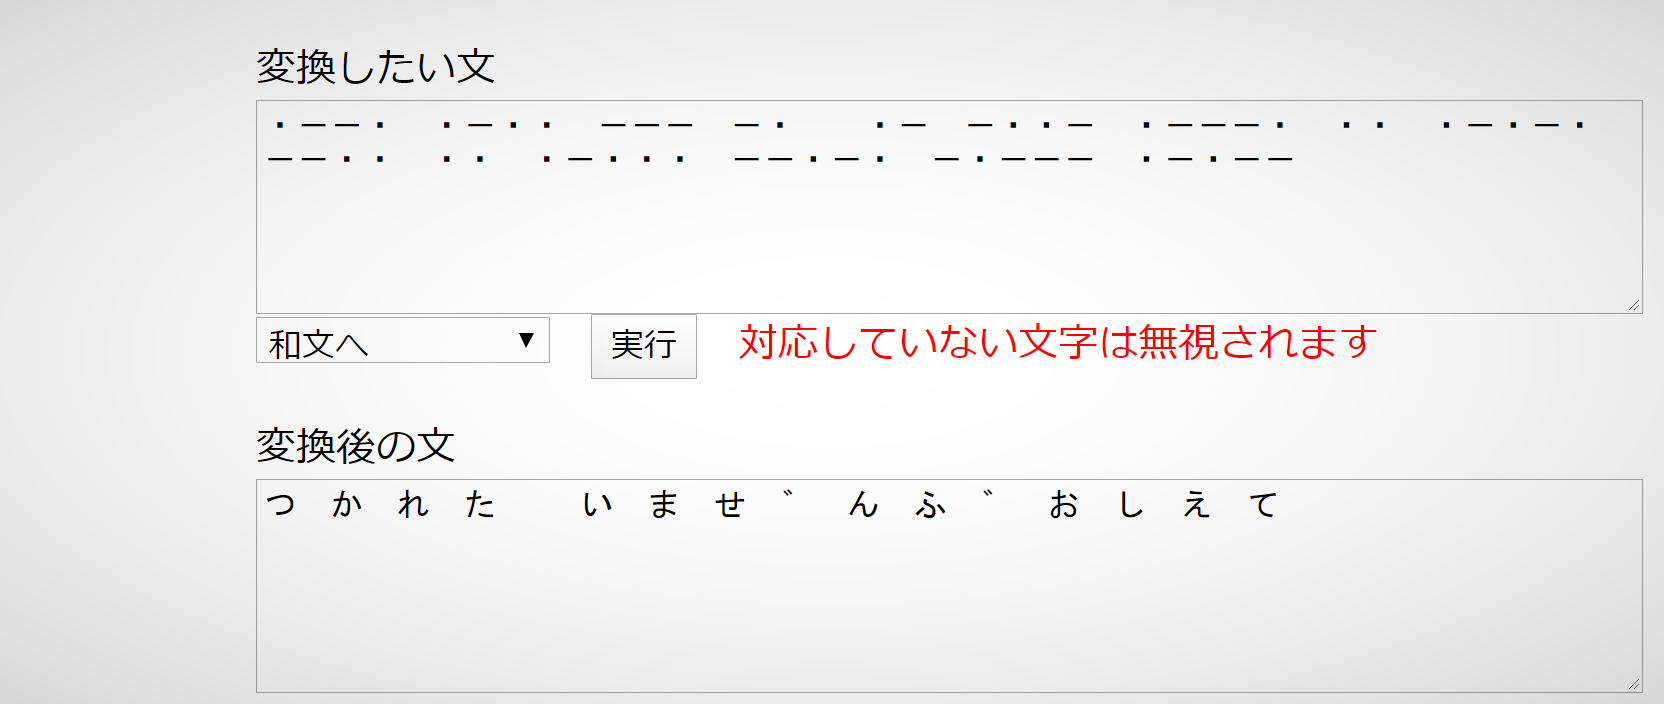 信号 と は モールス モールス信号の超カンタンな覚え方!日本人なら最初に日本語を!